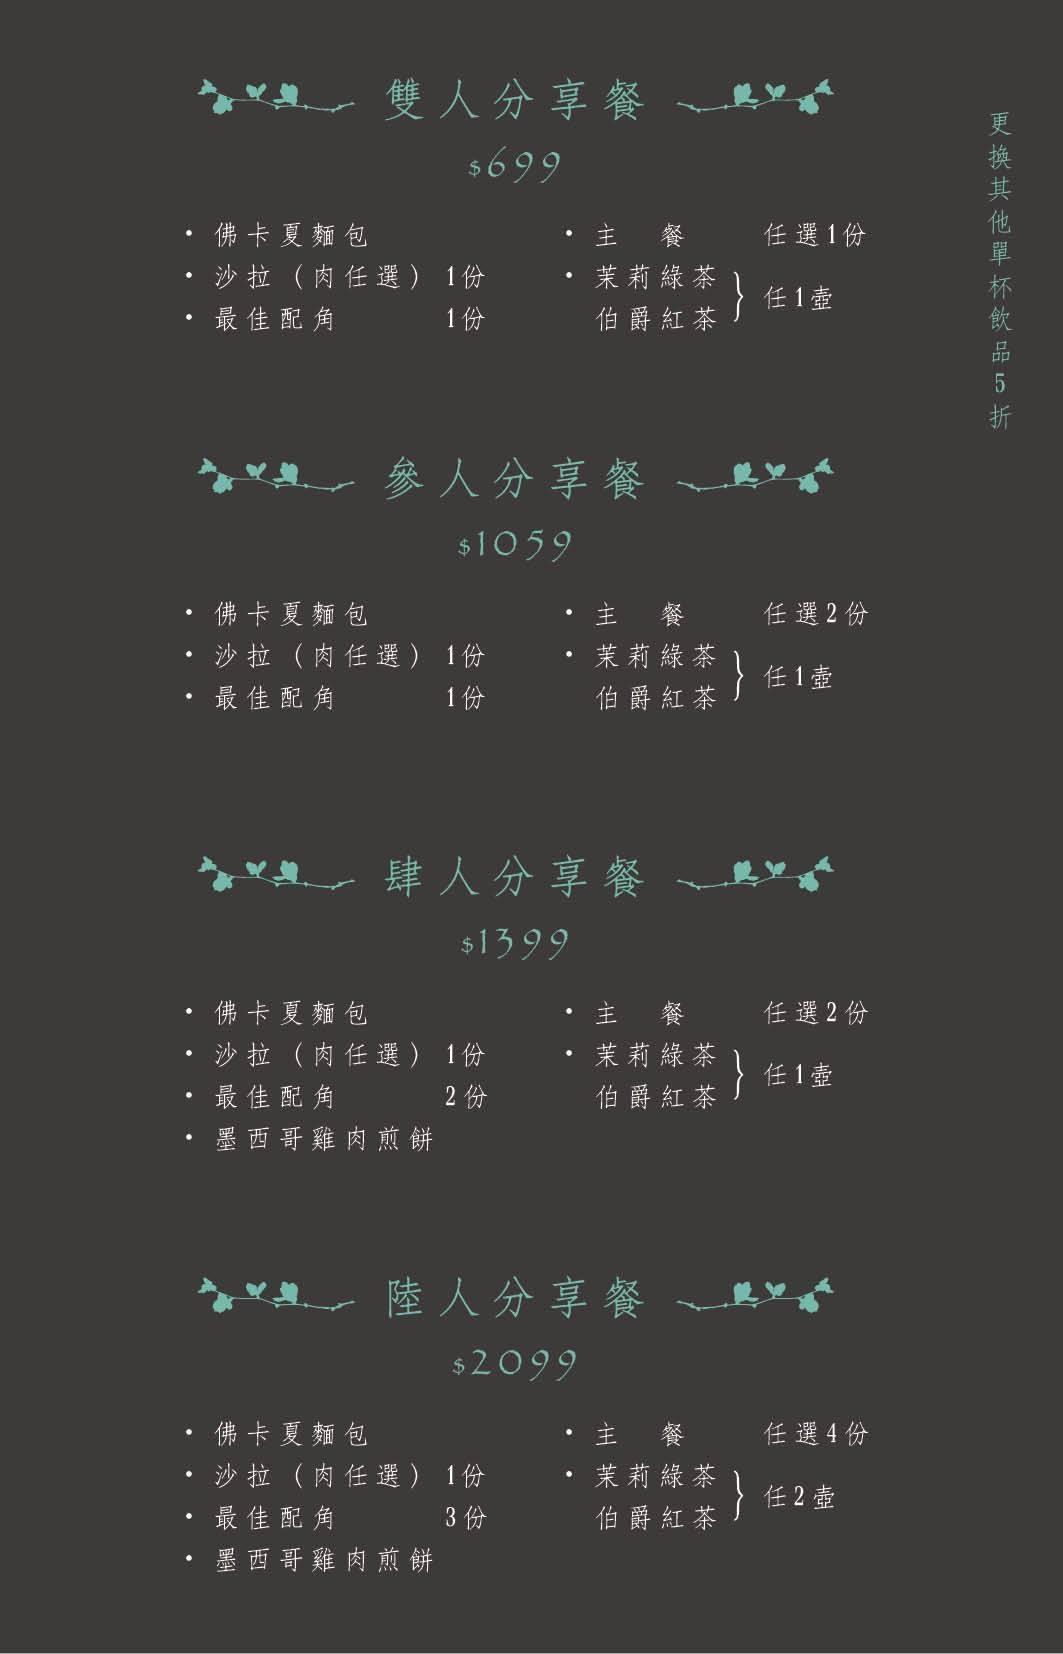 ChuJu雛菊餐桌澎湖店│英倫森林系超人氣網美餐廳,海鮮百寶袋超鮮美必點!雛菊餐桌菜單